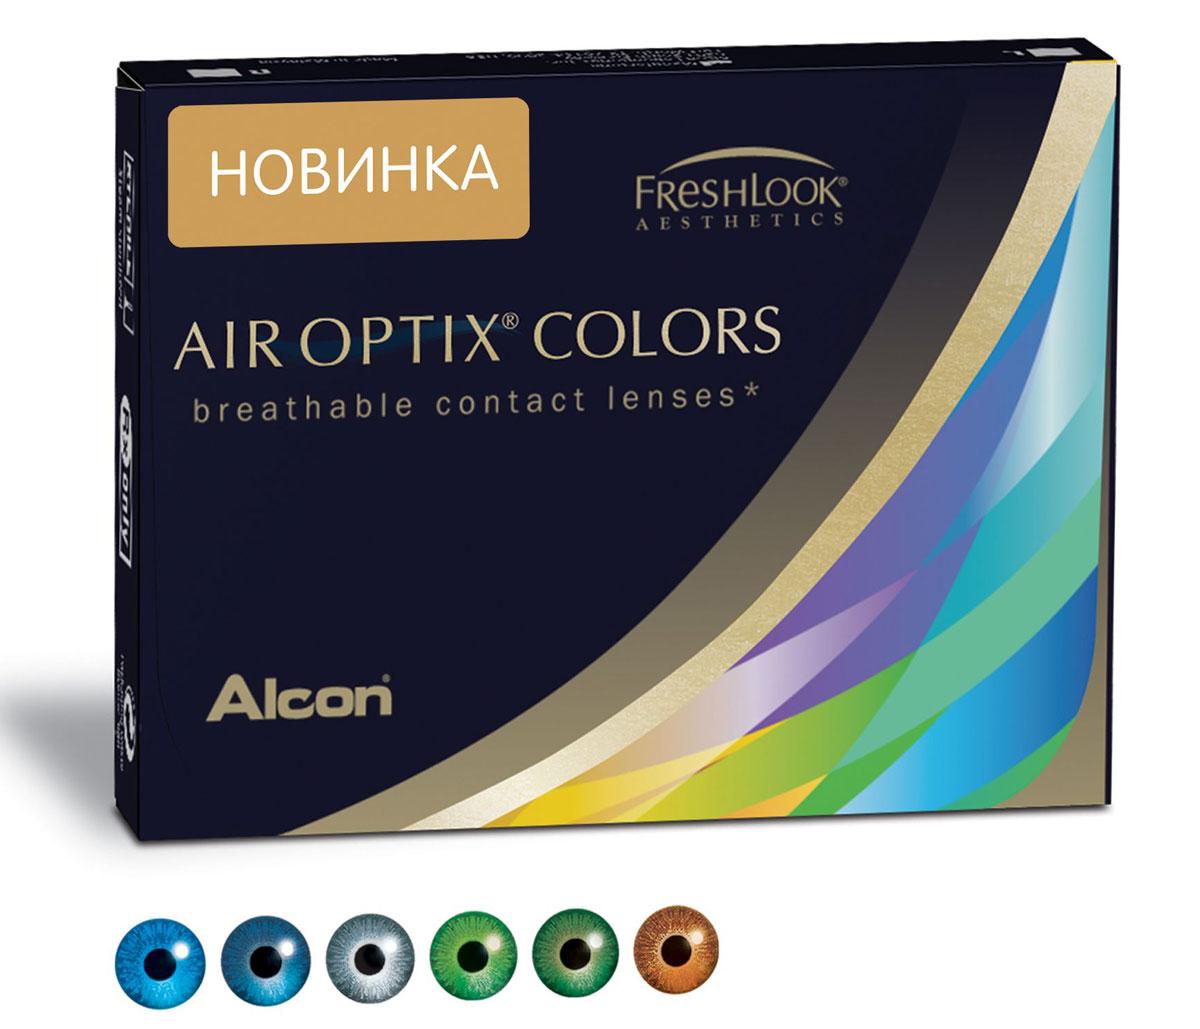 Аlcon контактные линзы Air Optix Colors 2 шт -4.25 GreenФМ000002069Мягкие контактные линзыКонтактные линзы или очки: советы офтальмологов. Статья OZON Гид